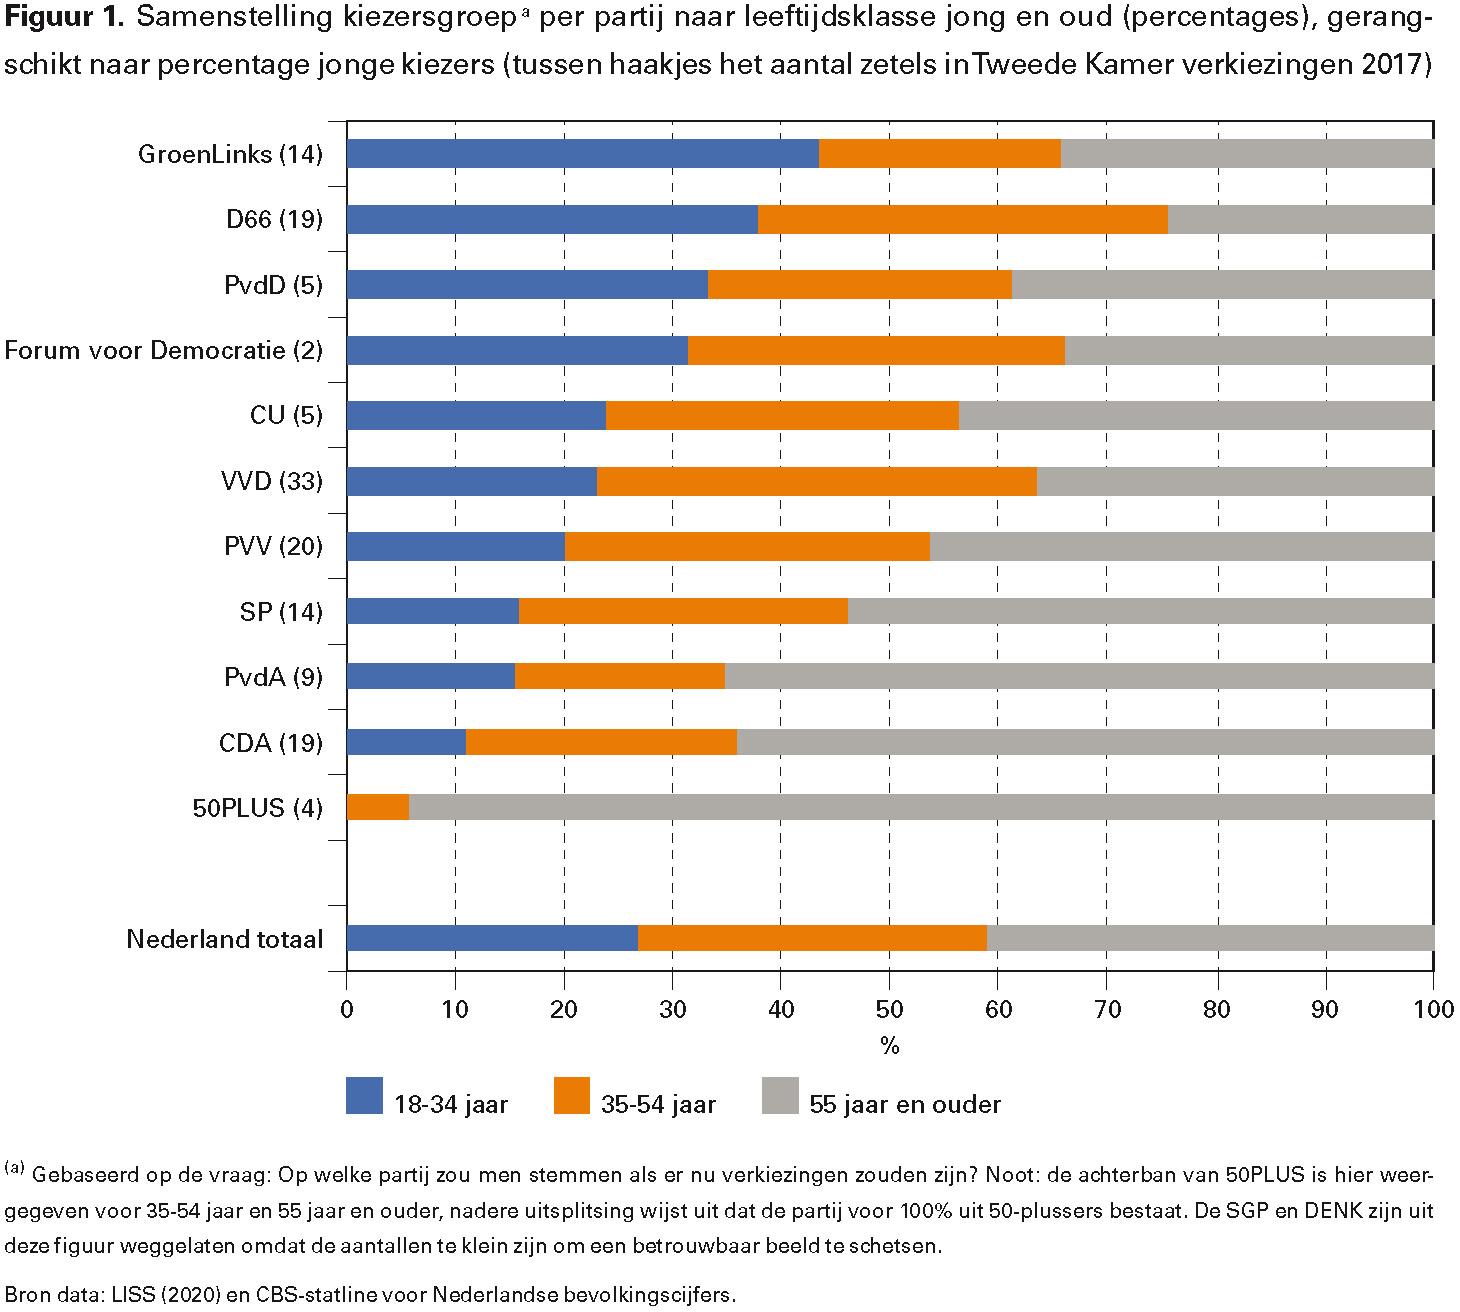 Figuur 1. Samenstelling kiezersgroepa per partij naar leeftijdsklasse jong en oud (percentages), gerangschikt naar percentage jonge kiezers (tussen haakjes het aantal zetels in Tweede Kamer verkiezingen 2017)